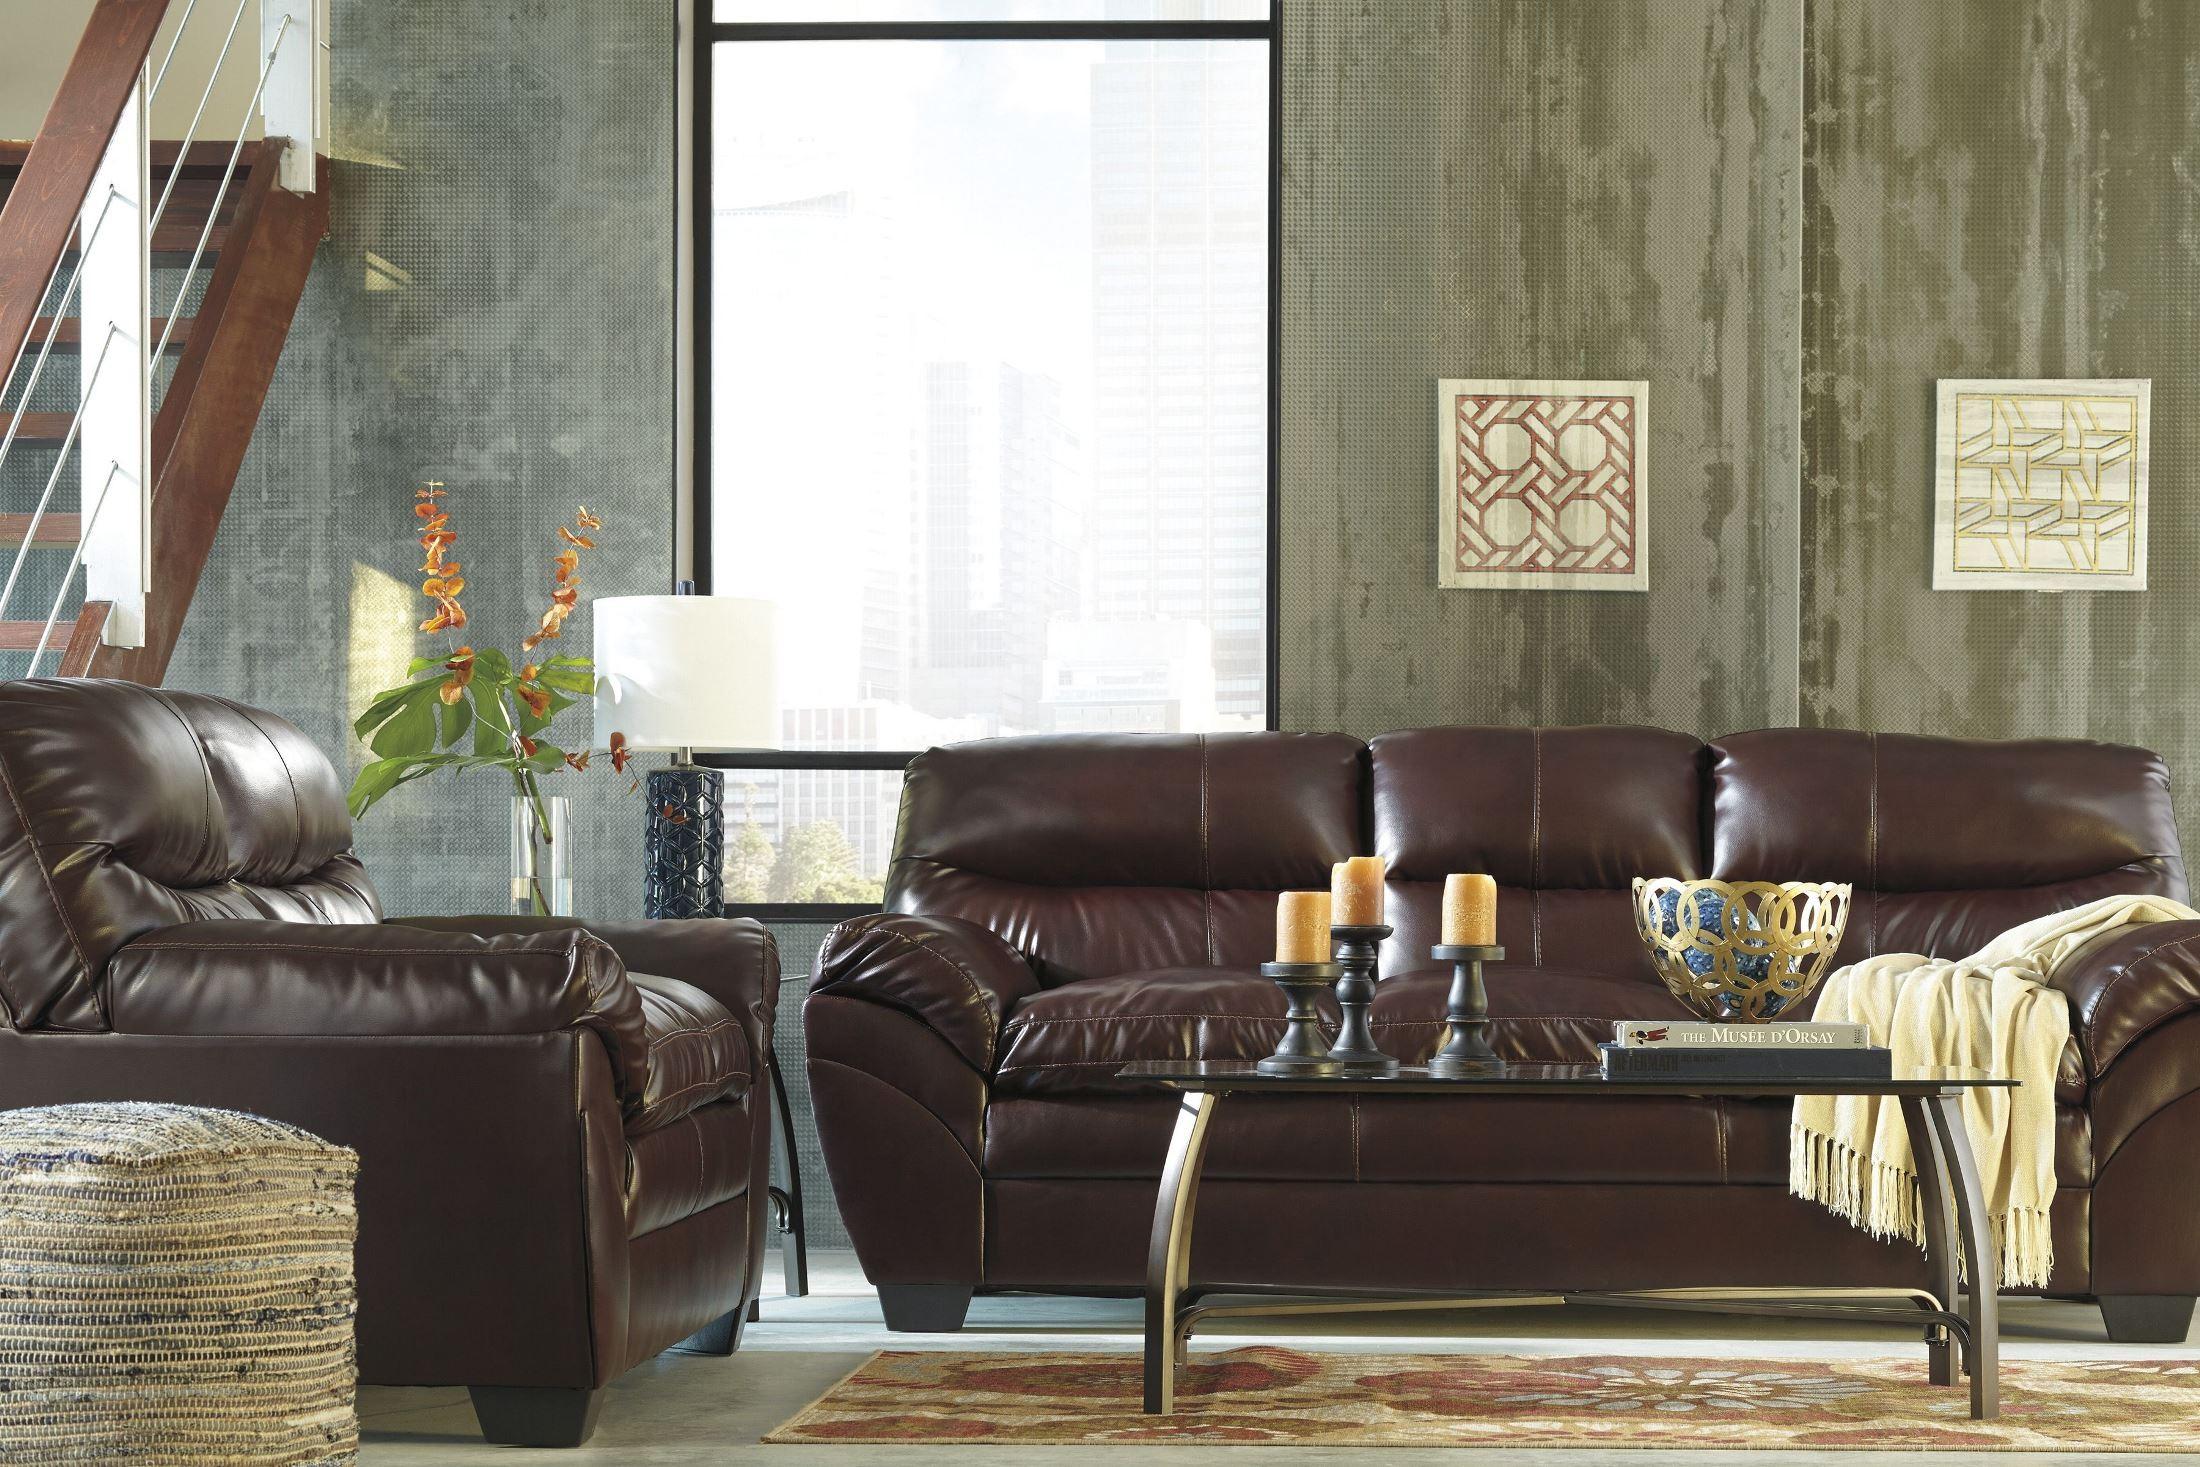 Tassler Durablend Mahogany Living Room Set From Ashley 4650238 Coleman Furniture